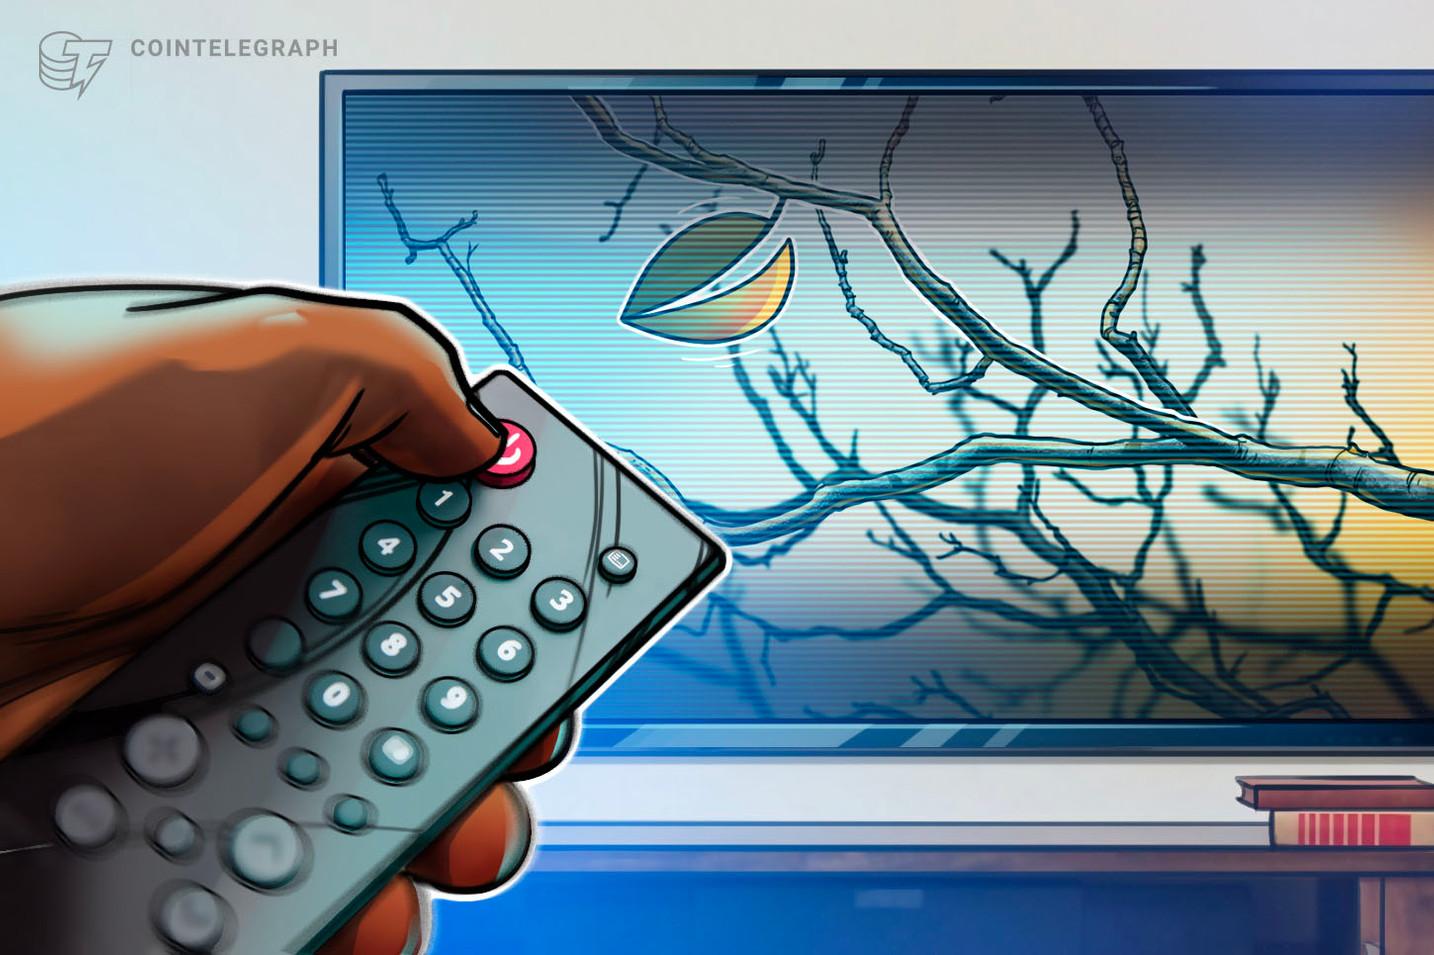 El importante exchange de criptomonedas Bitfinex se desconectará brevemente la próxima semana para actualizarse